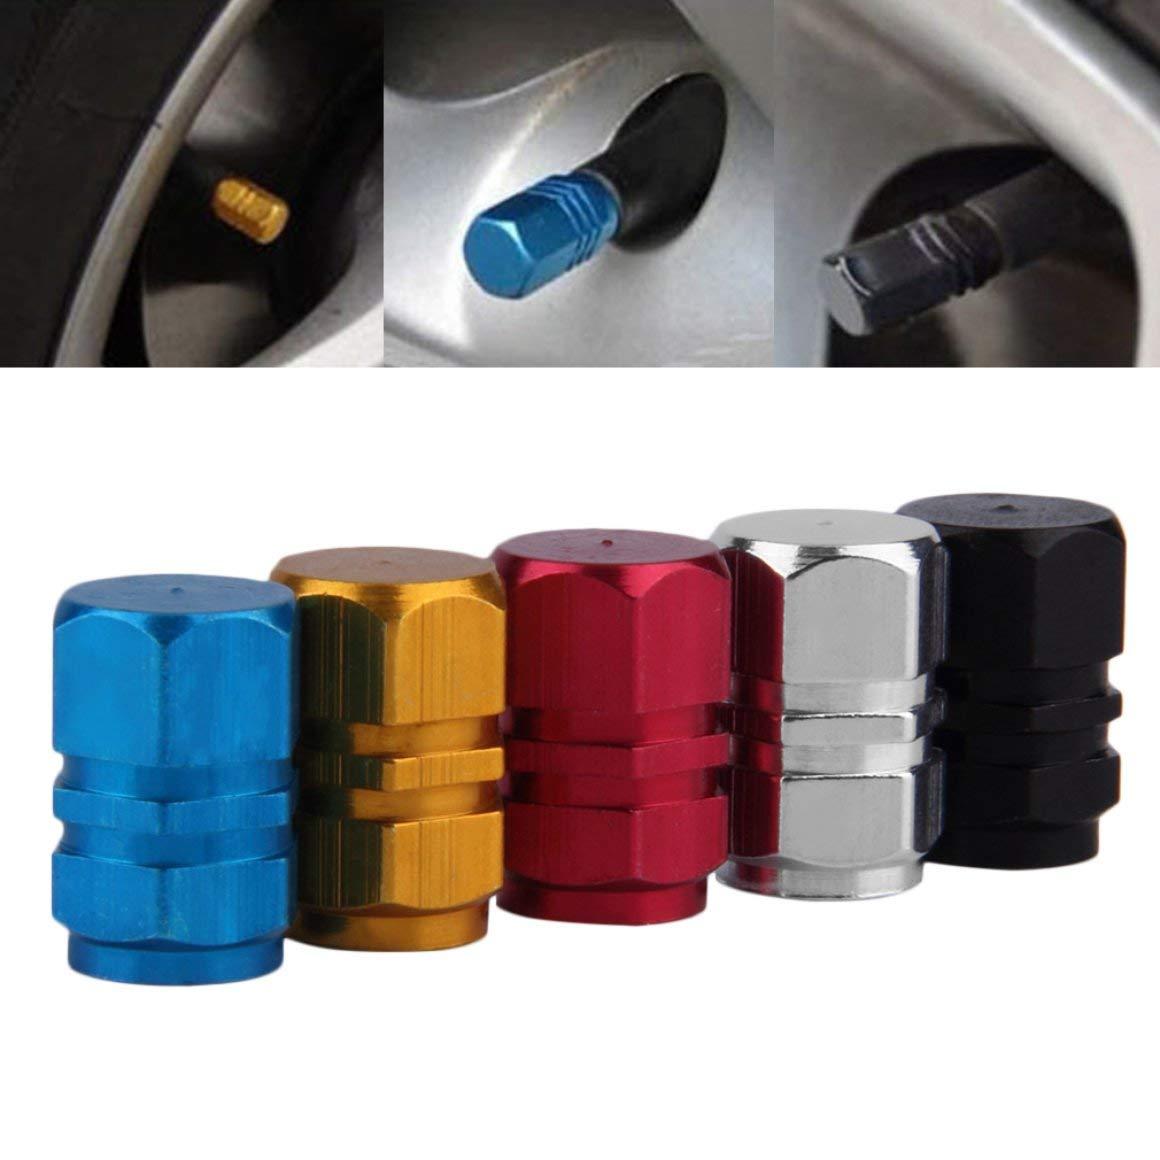 rouge Funnyrunstore 4 Pcs Compact En Aluminium Voiture Camion Moto V/élo Pneu Roue Jantes Air Valve Tiges Bouchons Couverture Pneus Accessoires